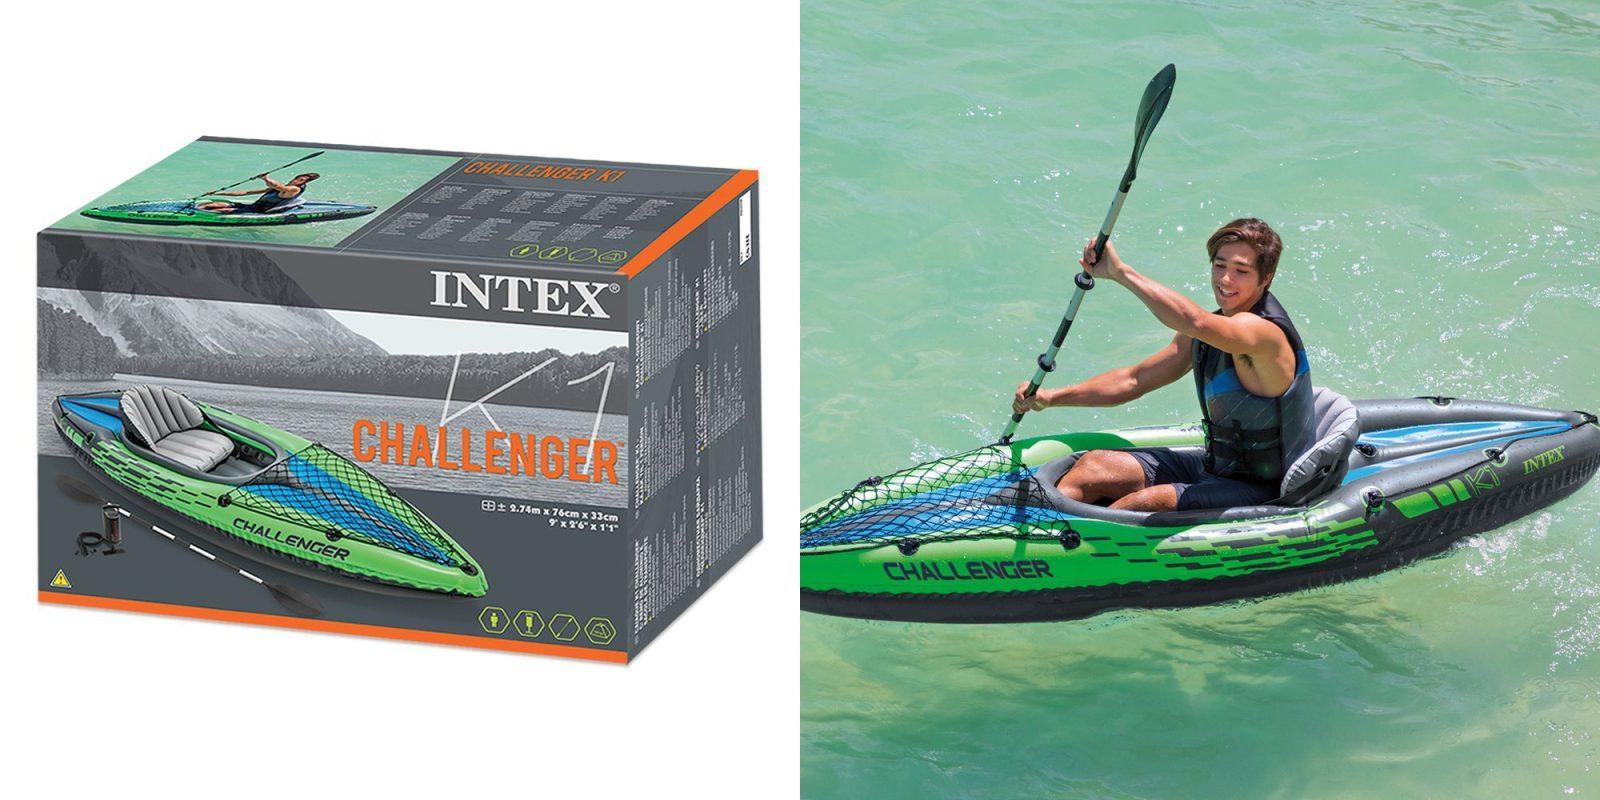 100+ Inflatable Kayaks Walmart – yasminroohi